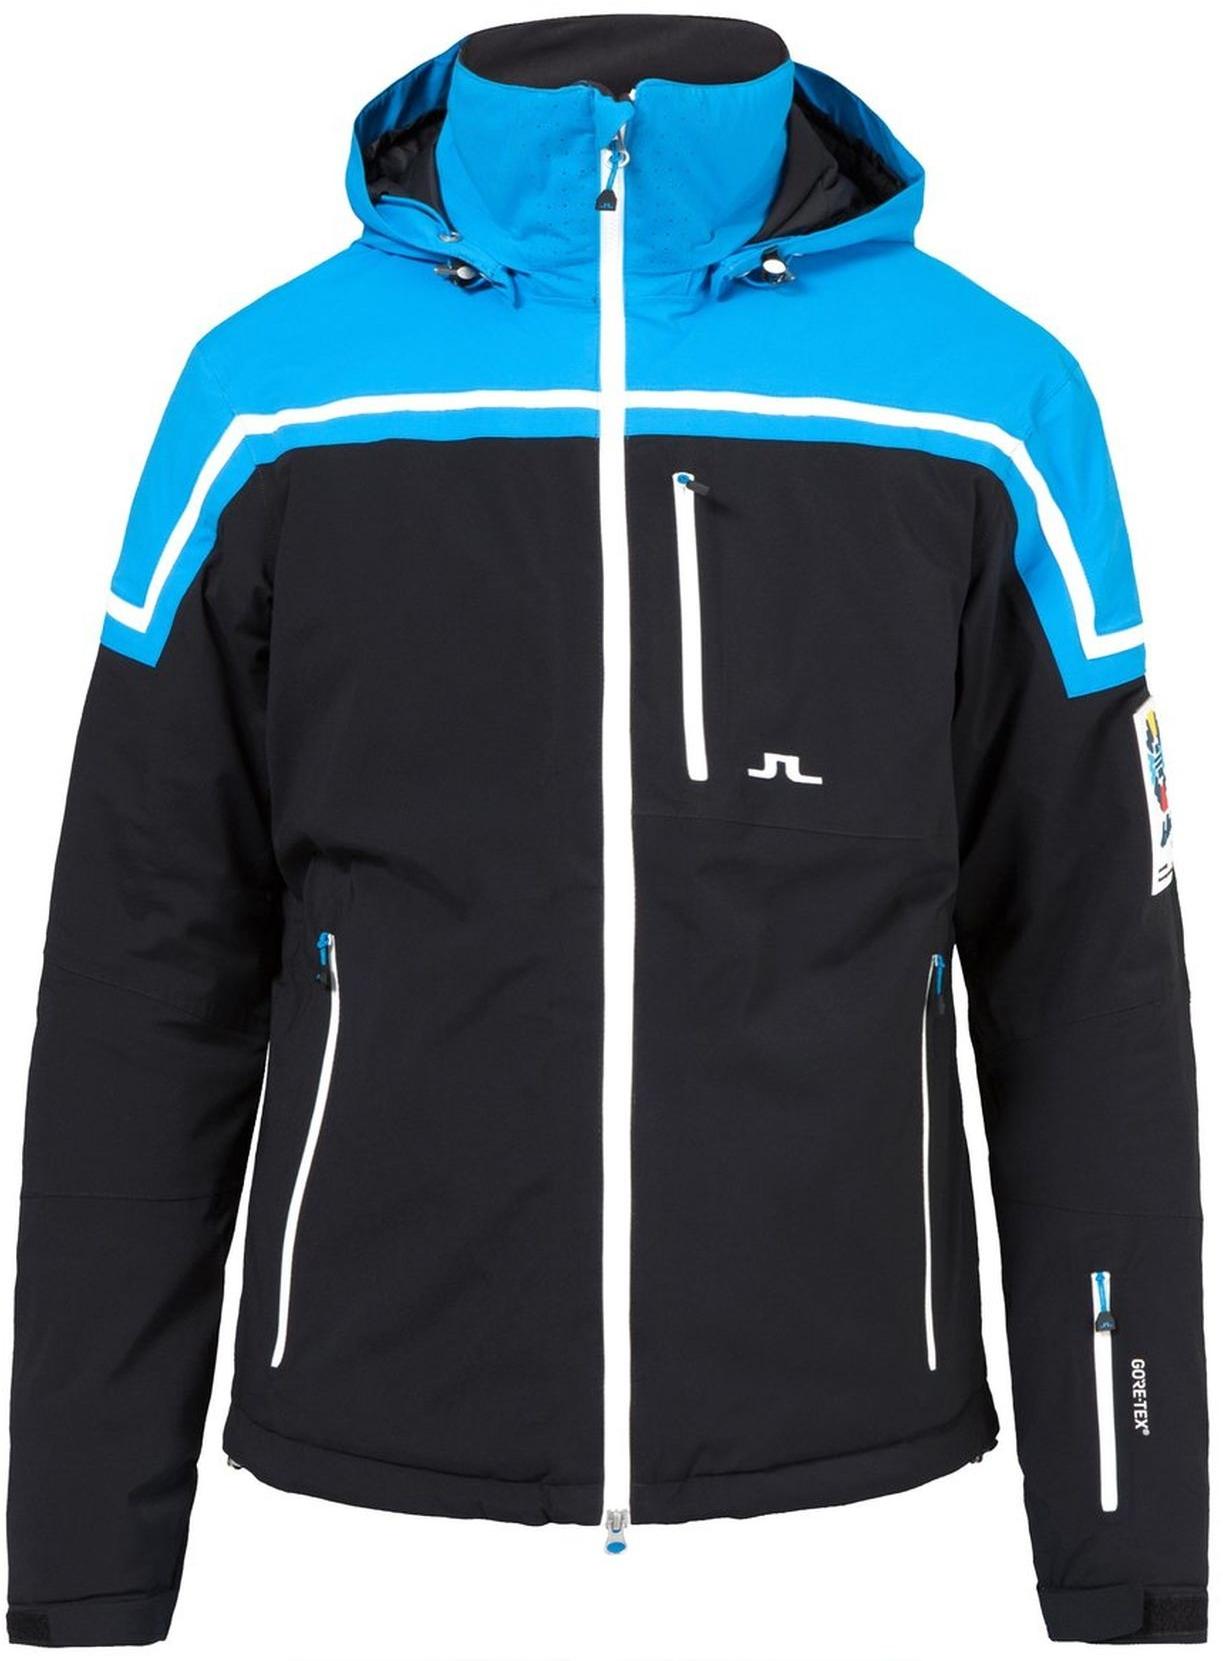 J.Lindeberg St Moritz Prindle Jacket, £510